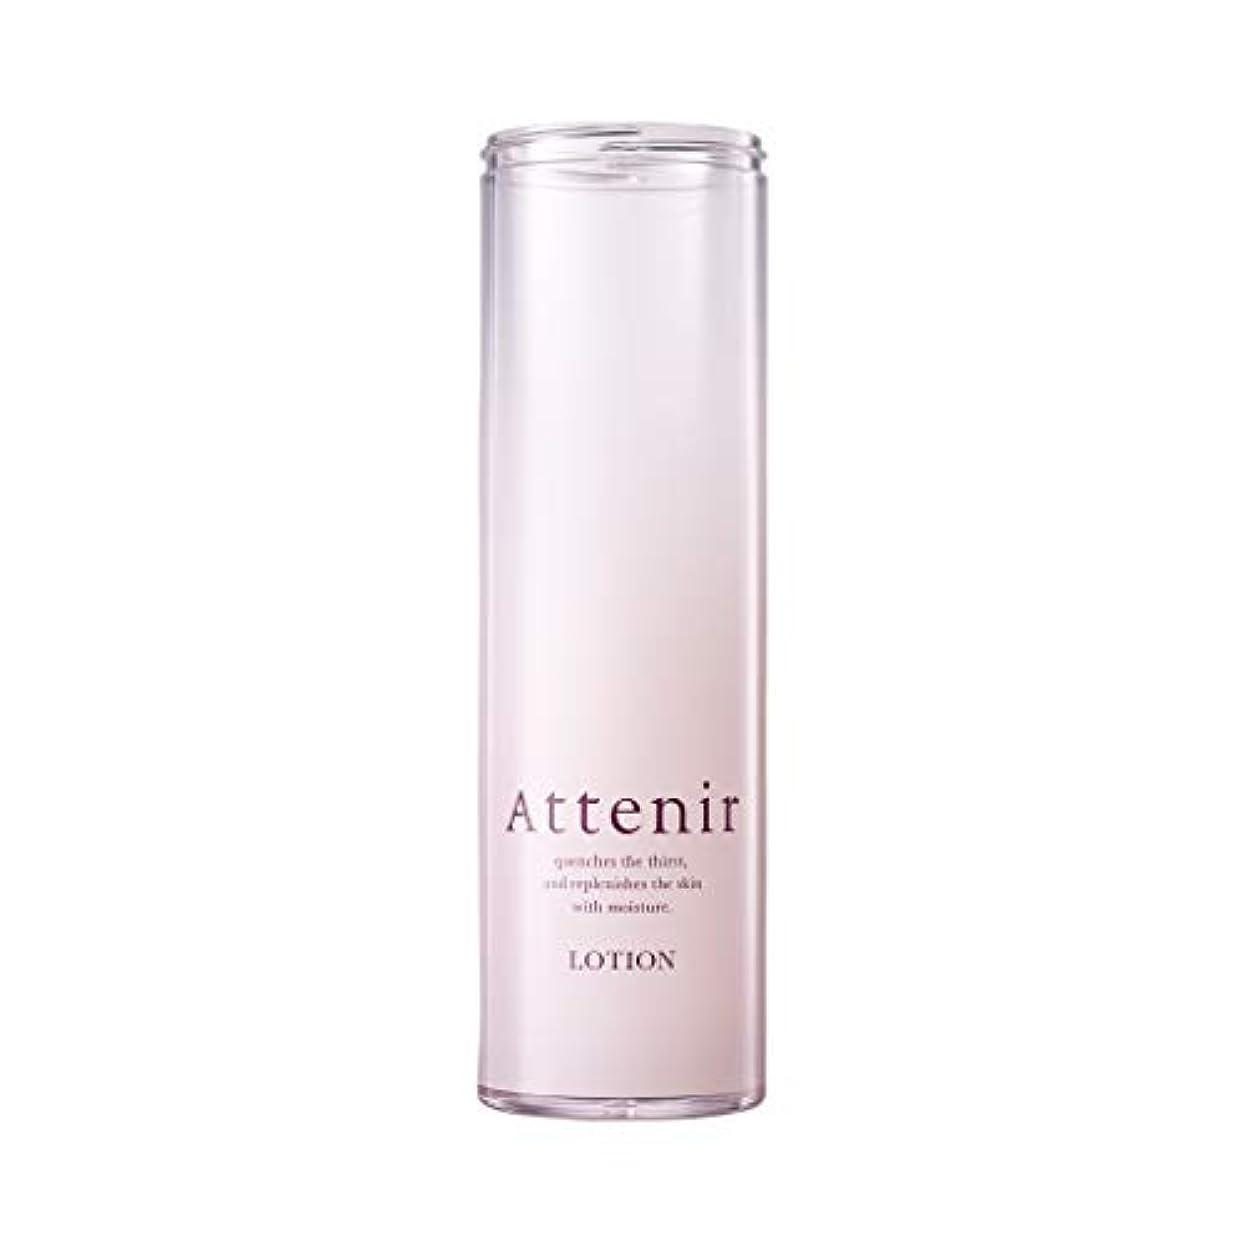 裏切り者判読できないドレスアテニア ローションエコパック 専用ホルダー (ケースのみ) 化粧水